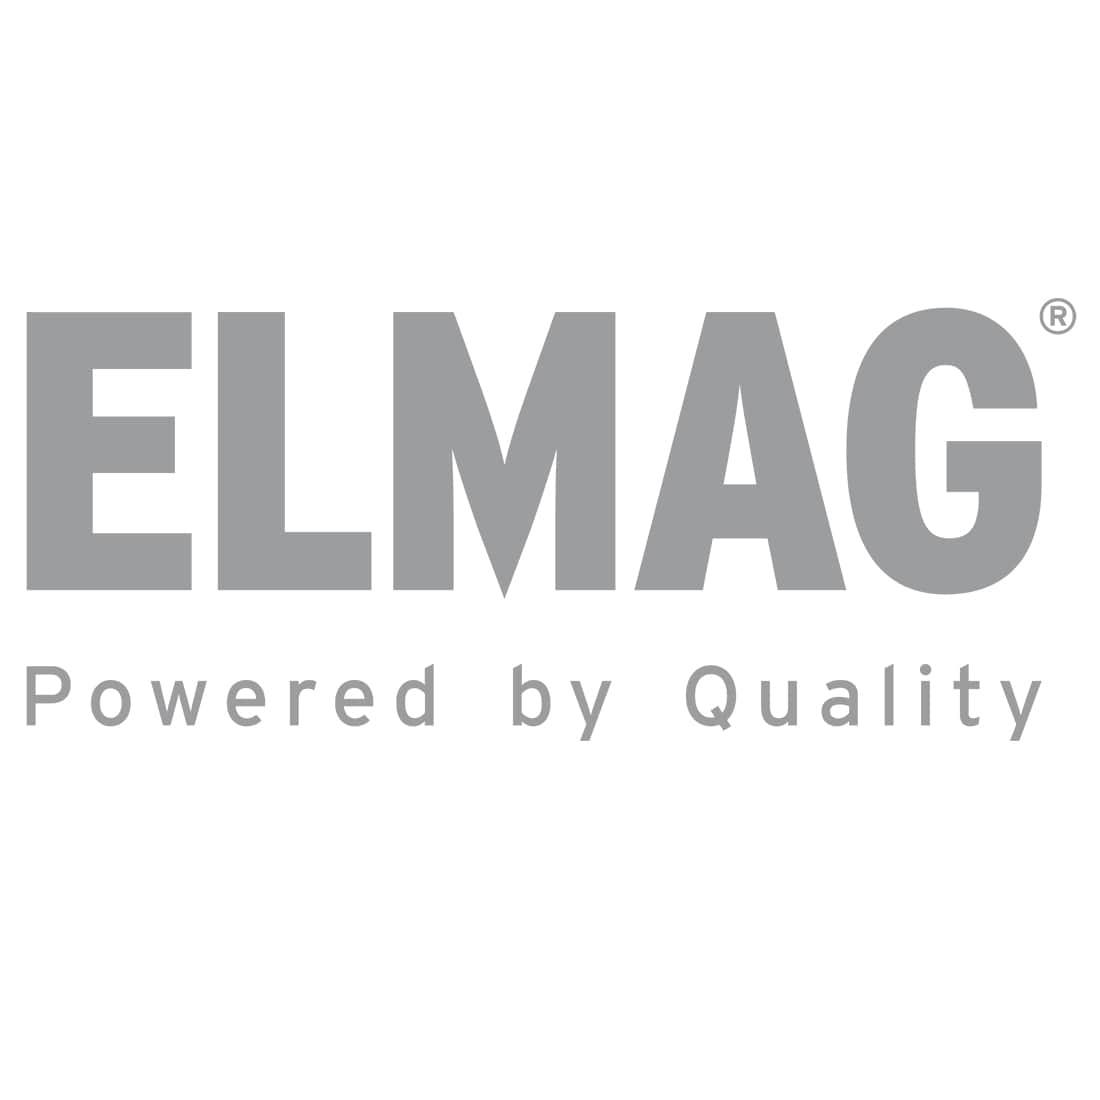 Multifunction welding inverter, portable BASIC SET